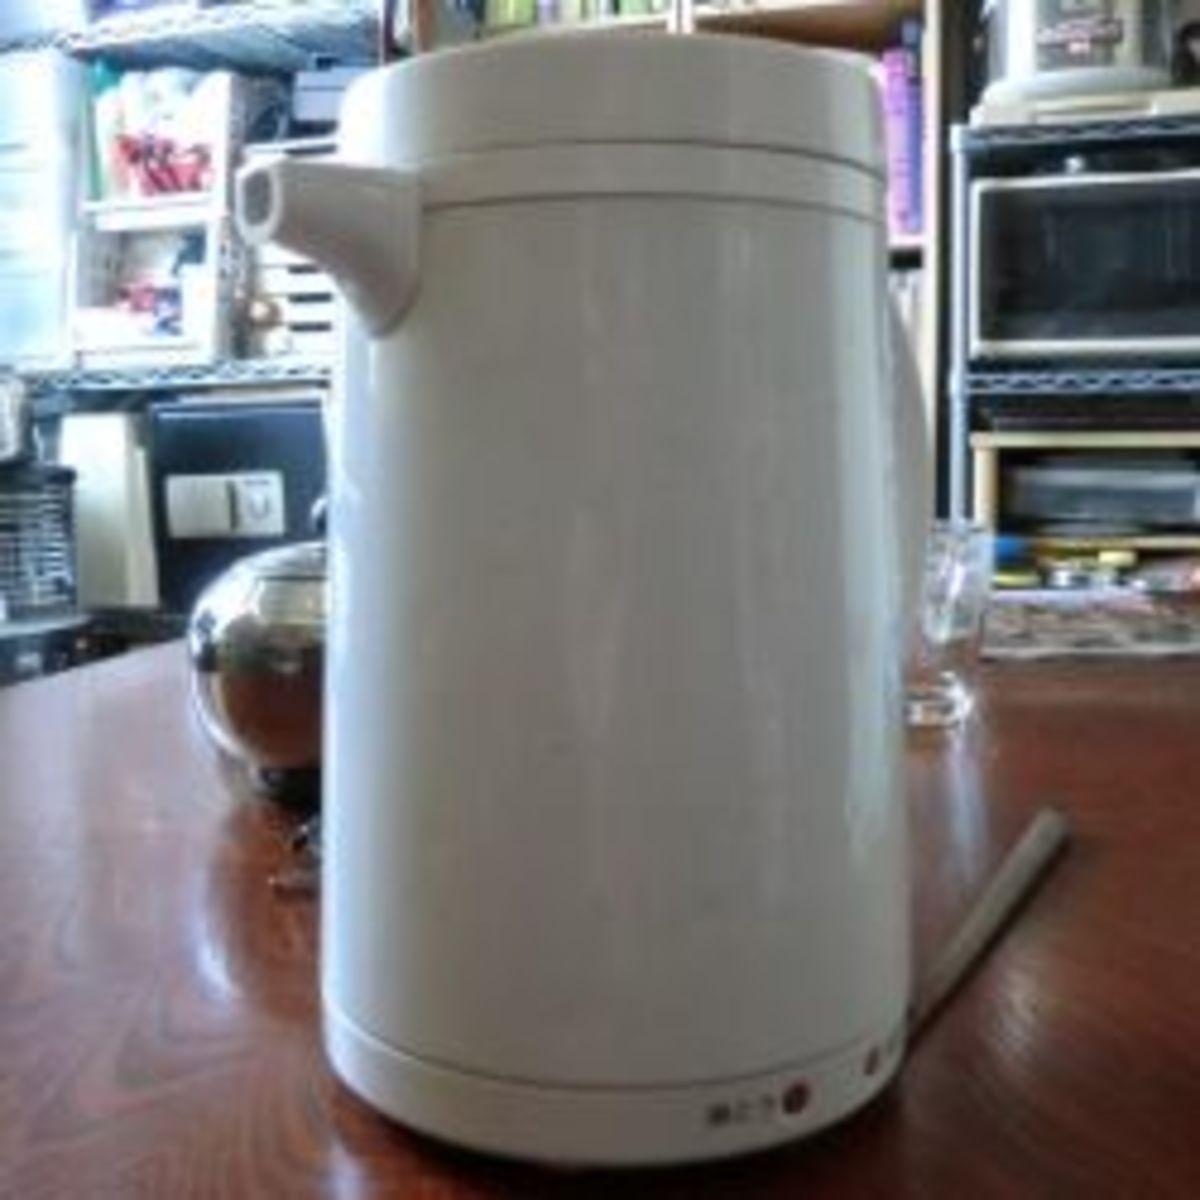 My girlfriend's electric kettle